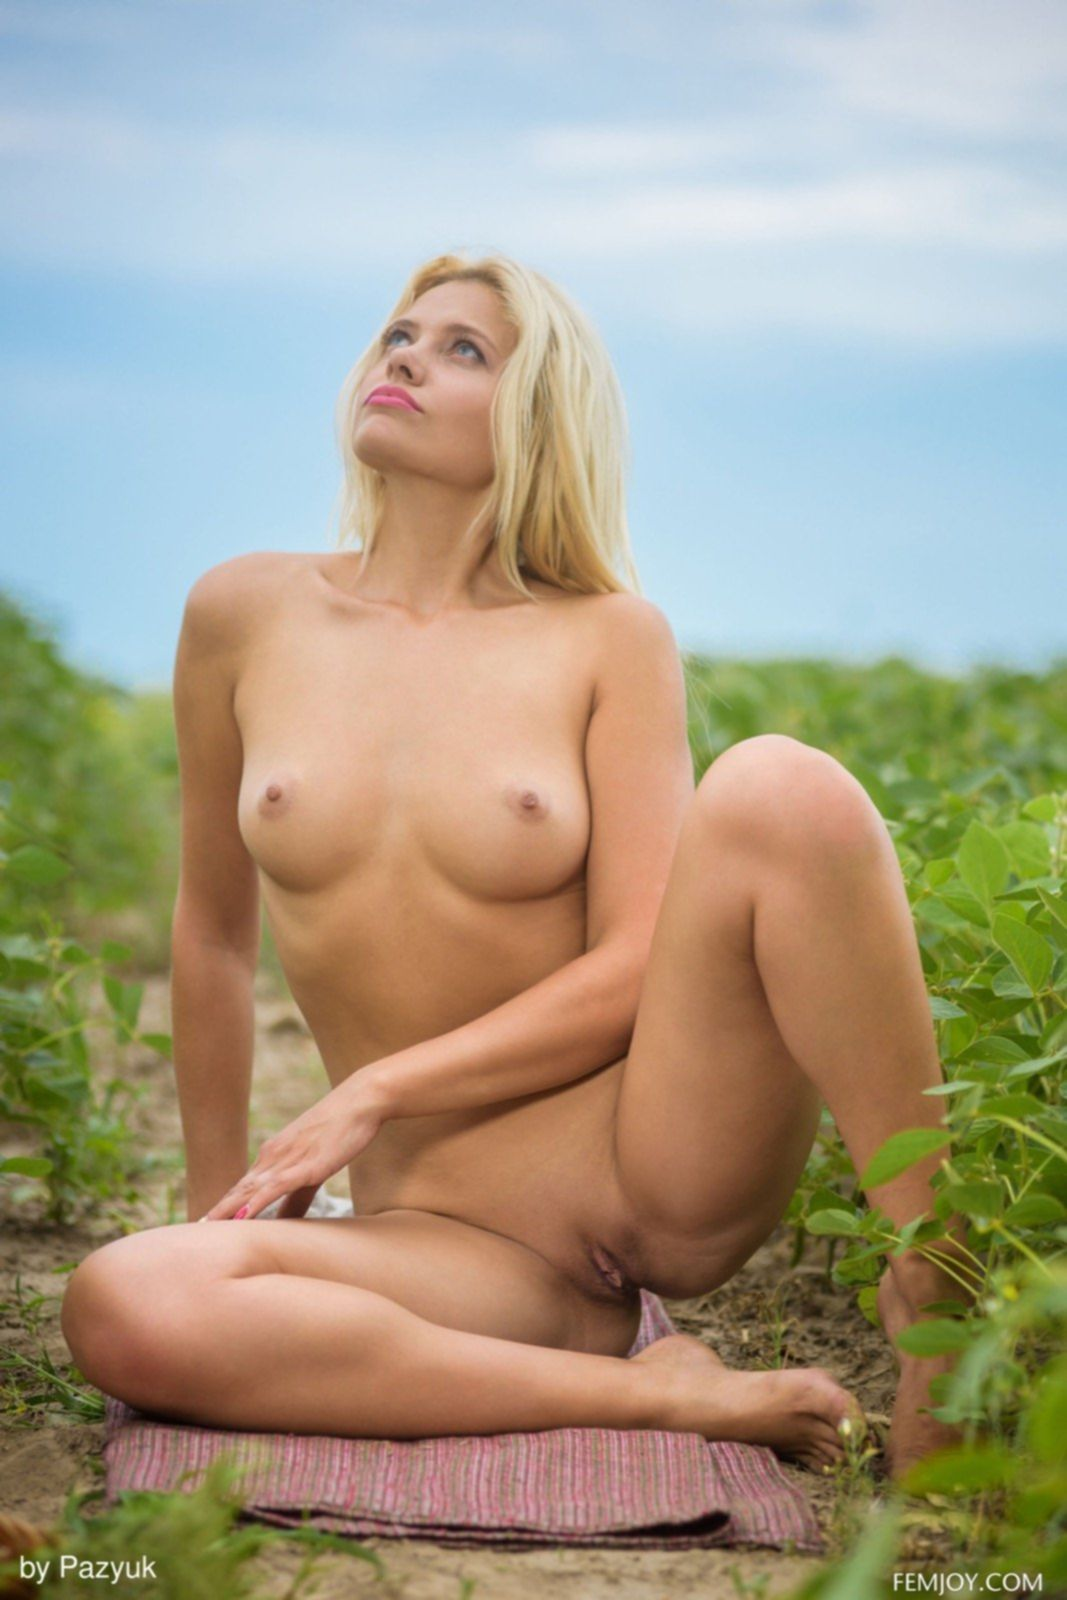 Голая блондинка с бритой писькой в поле - фото